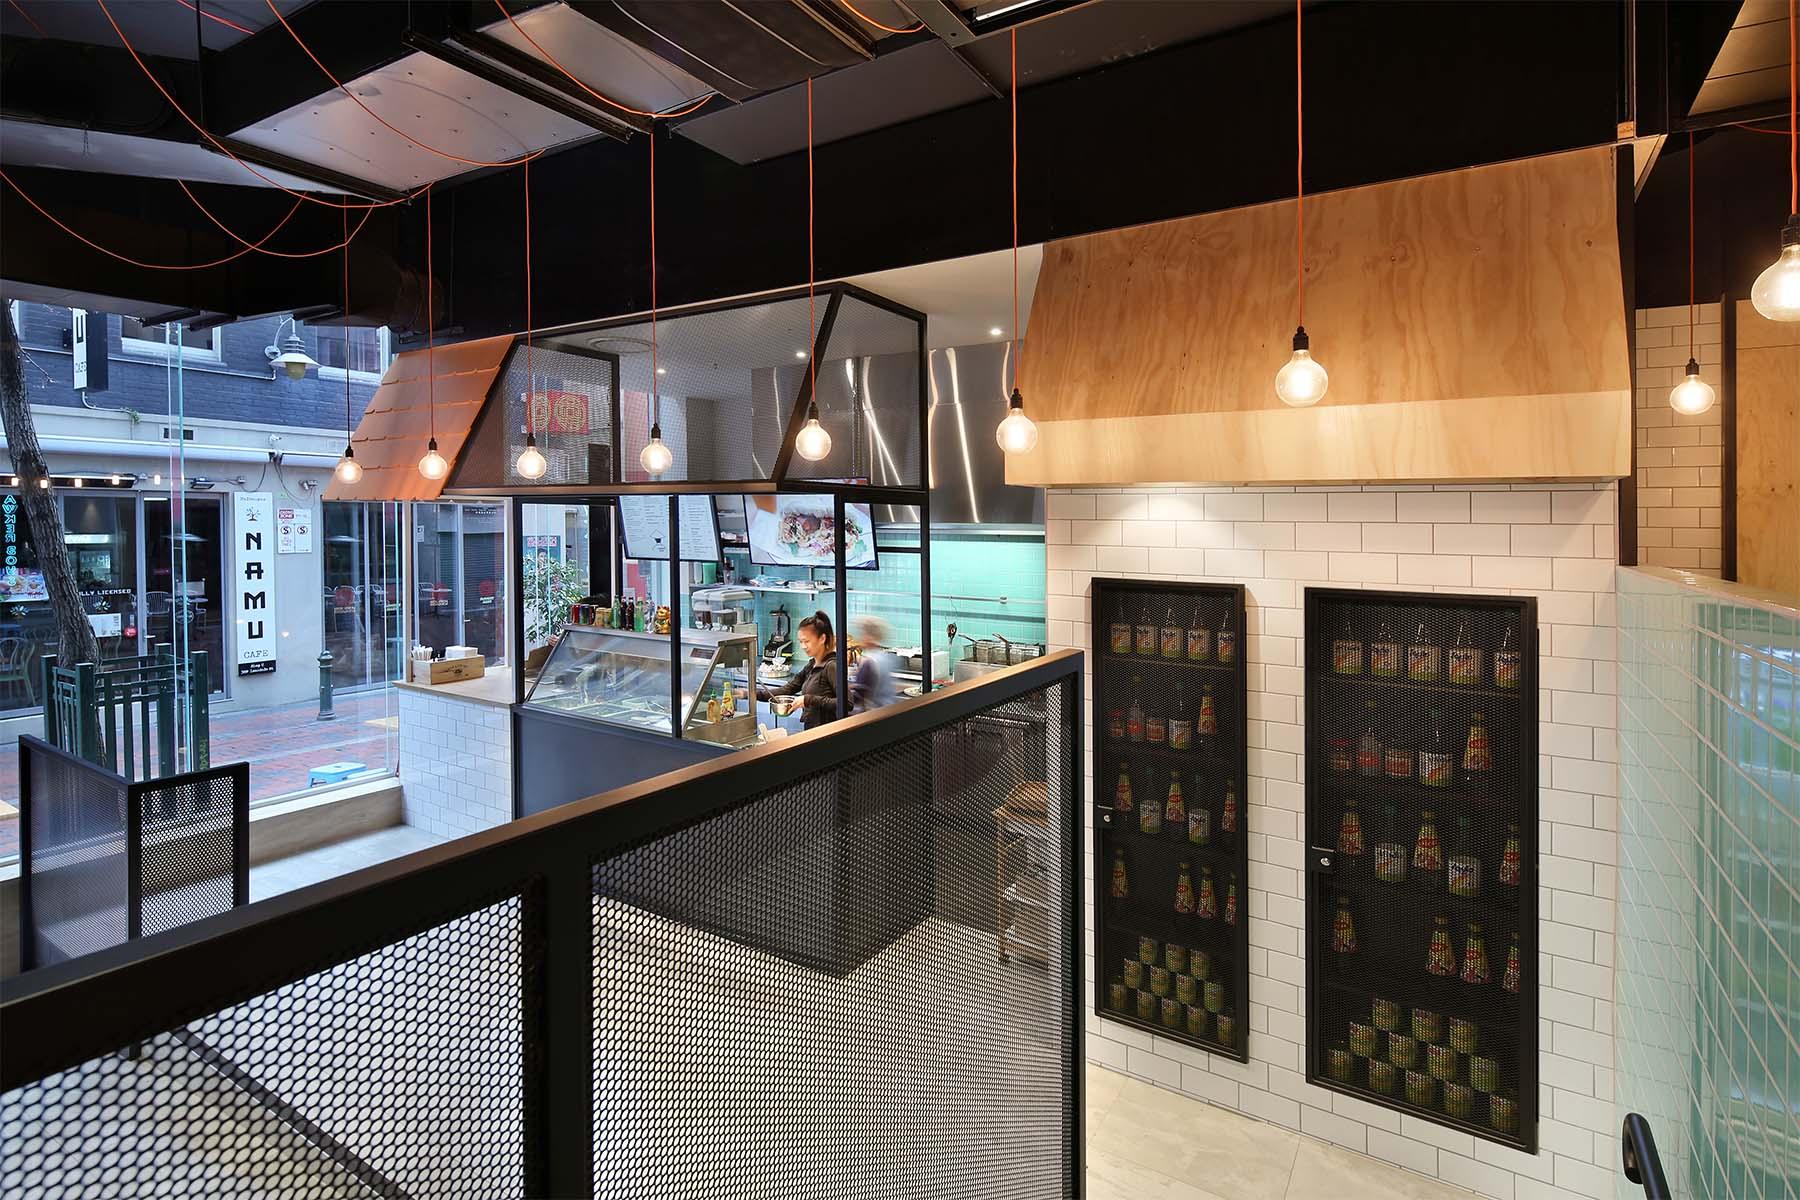 Hawker Boys - interior design by Studio Y.